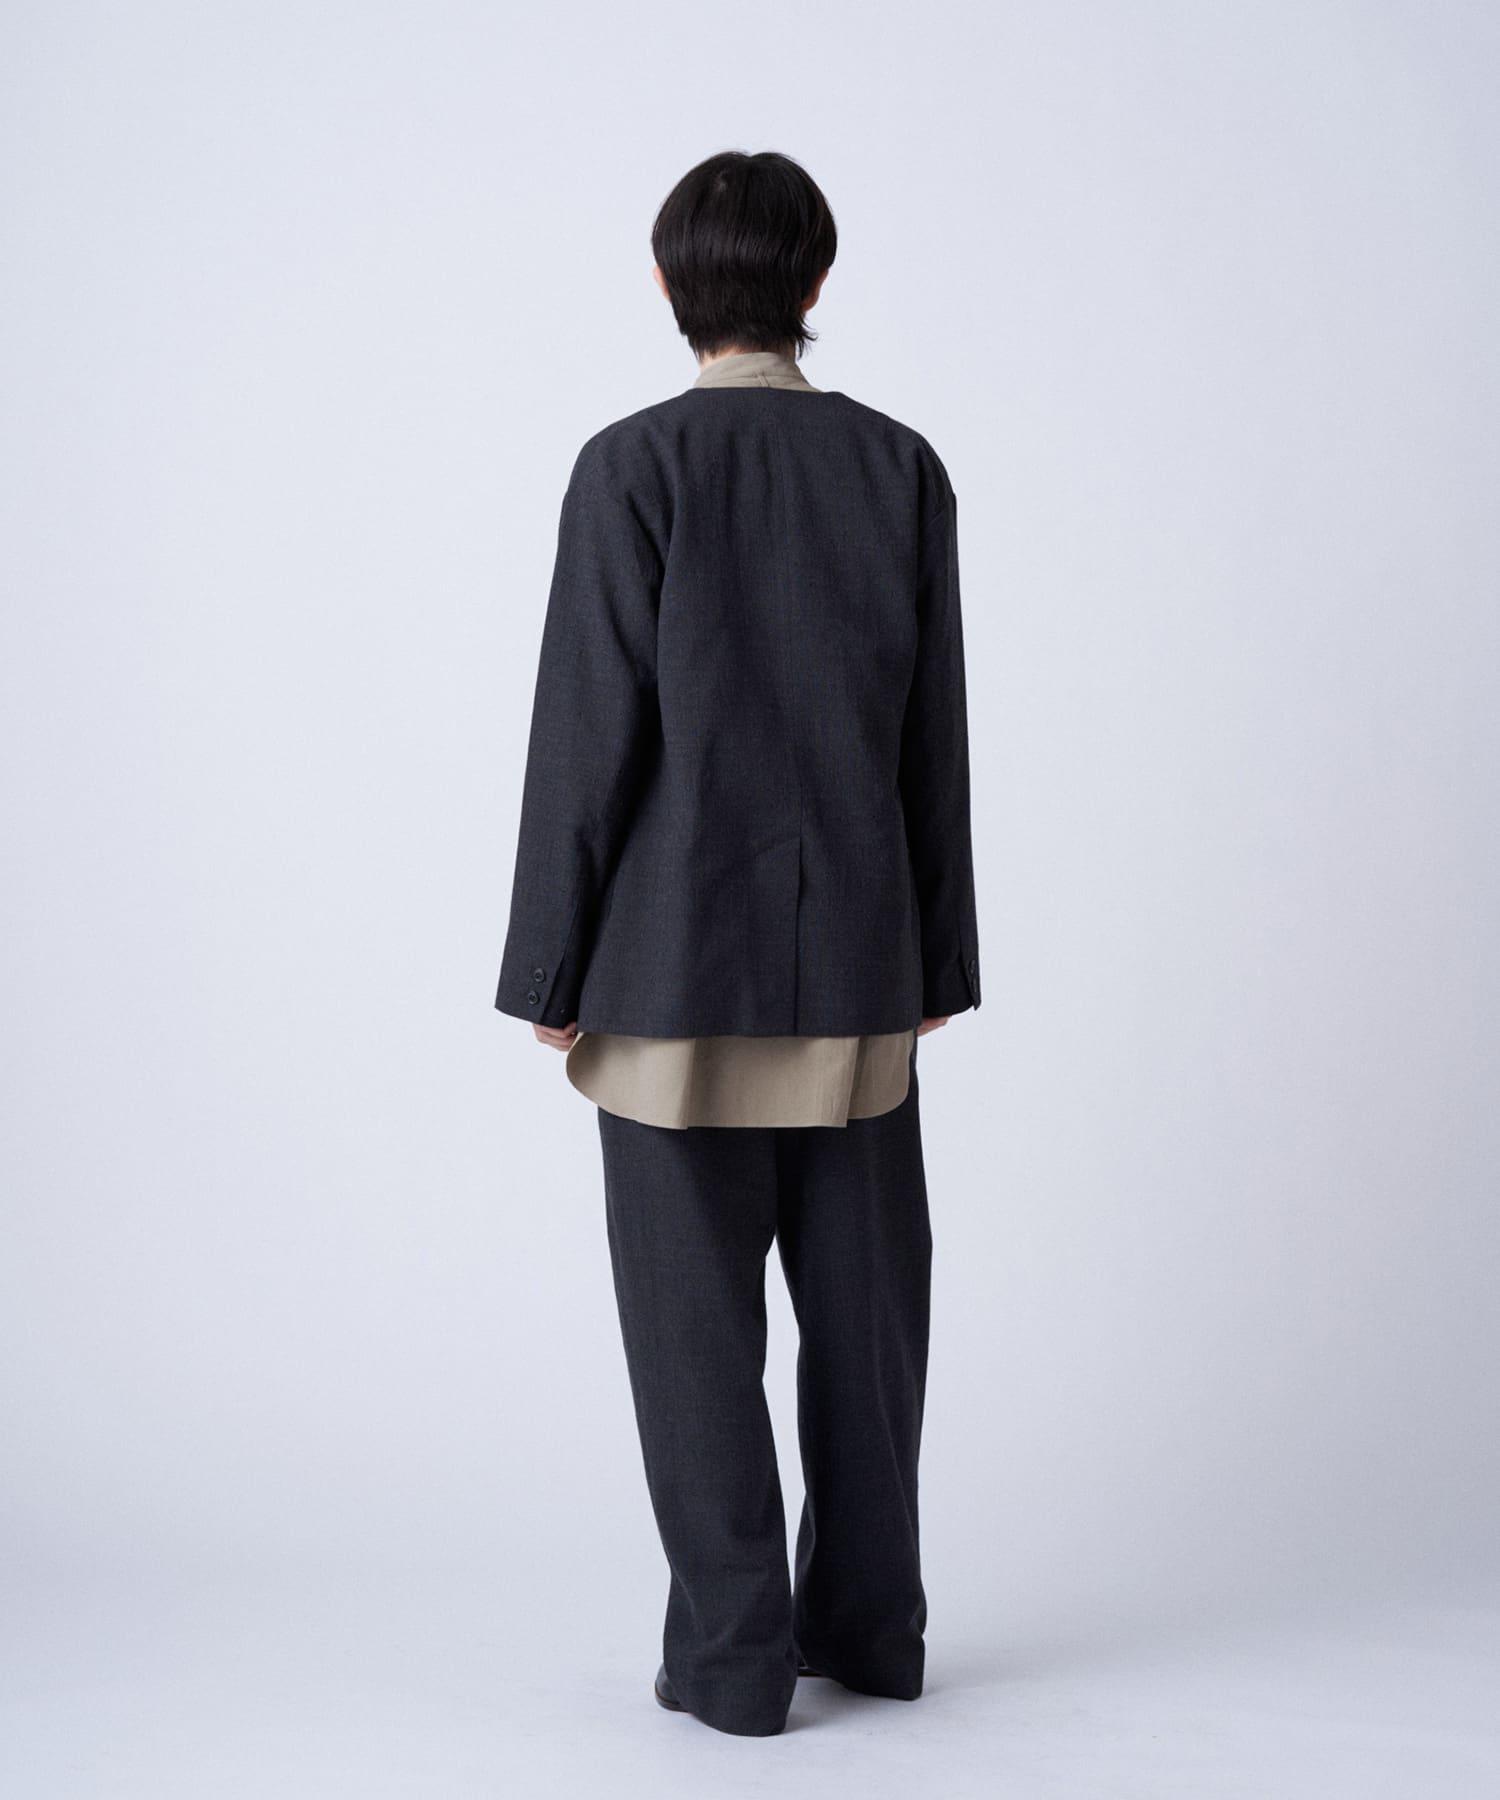 BLOOM&BRANCH(ブルームアンドブランチ) Phlannèl / womens Loop Yarn Jacket